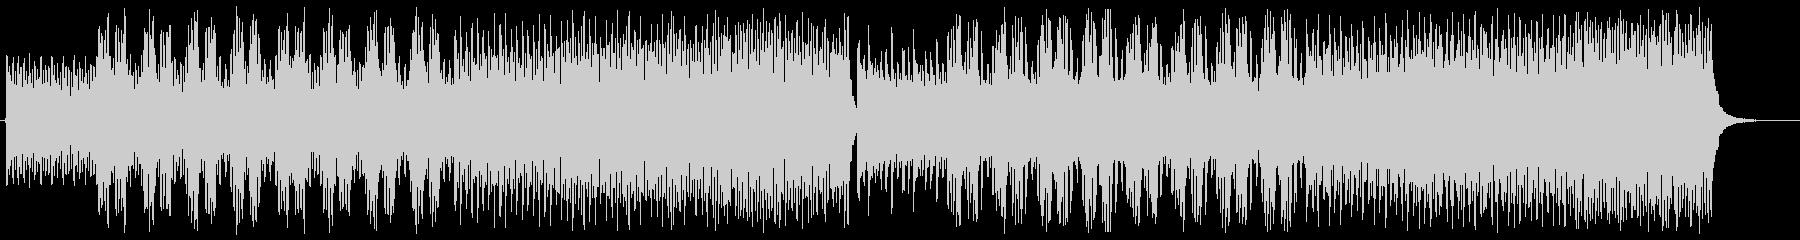 高級車CM風 荘厳なオーケストラBGMの未再生の波形